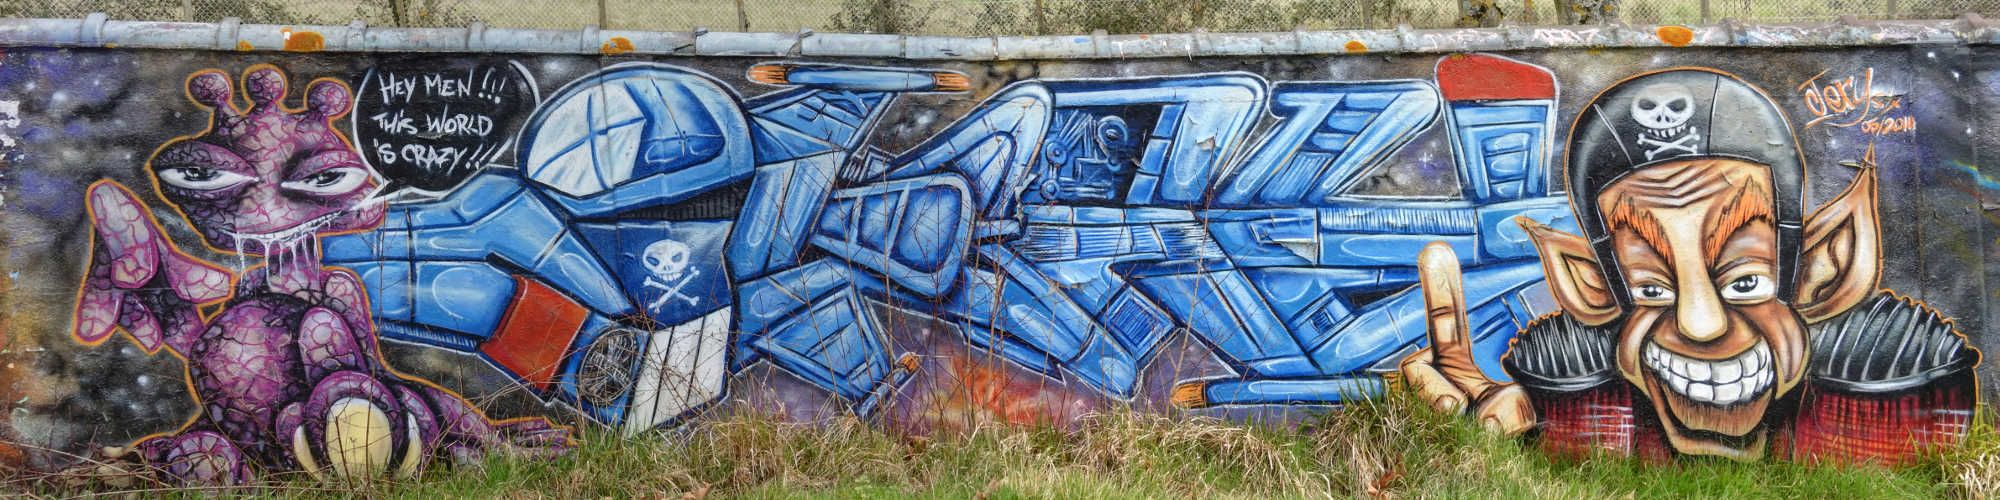 Street art au bord de l'aqueduc à Villabé - Pièce en couleur 20160324091